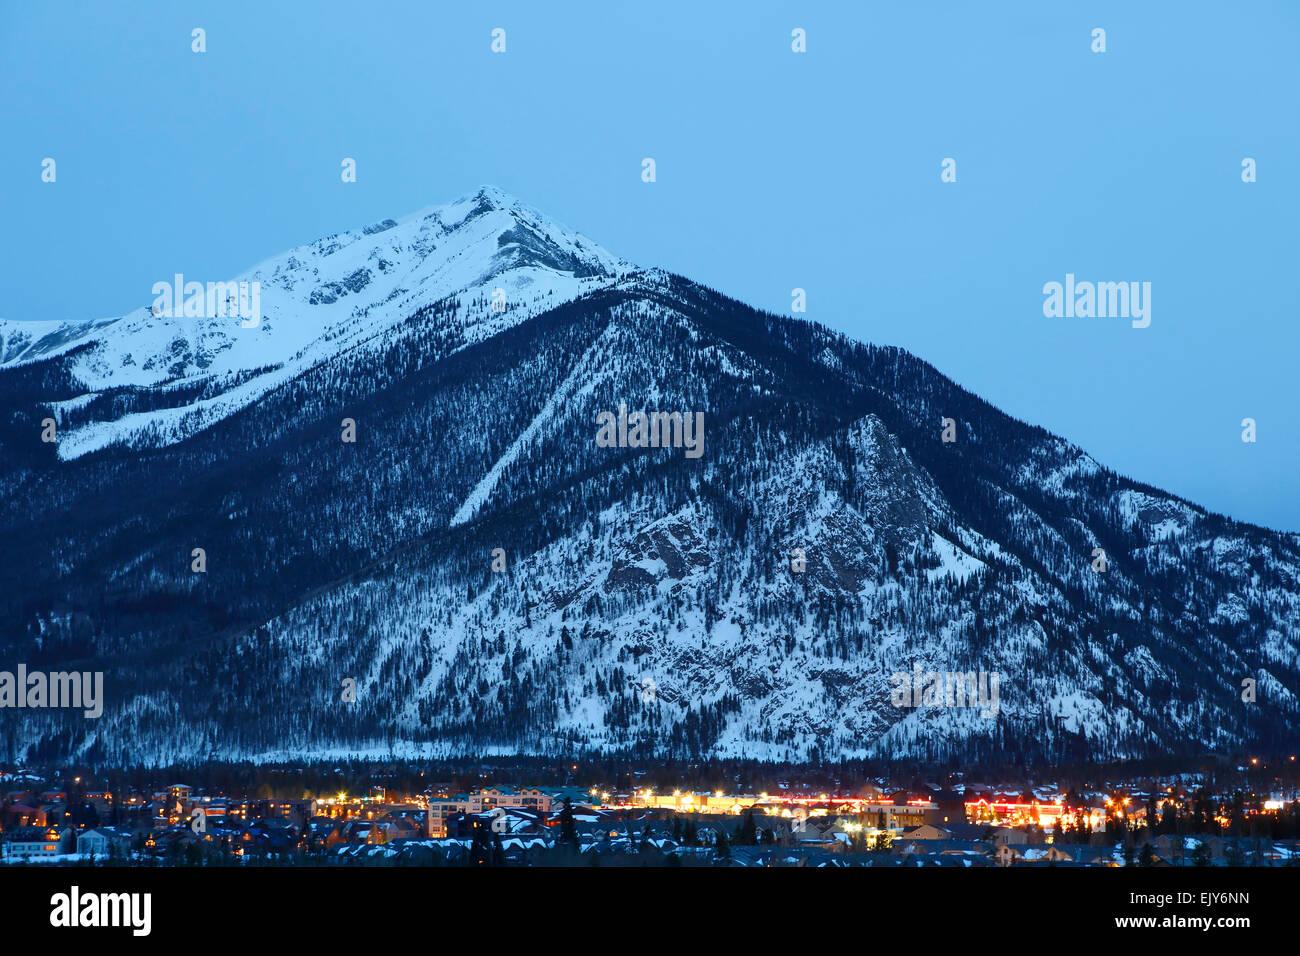 Dieci miglia di picco (aka picco 1) e la città di Frisco, Colorado, Stati Uniti d'America Immagini Stock